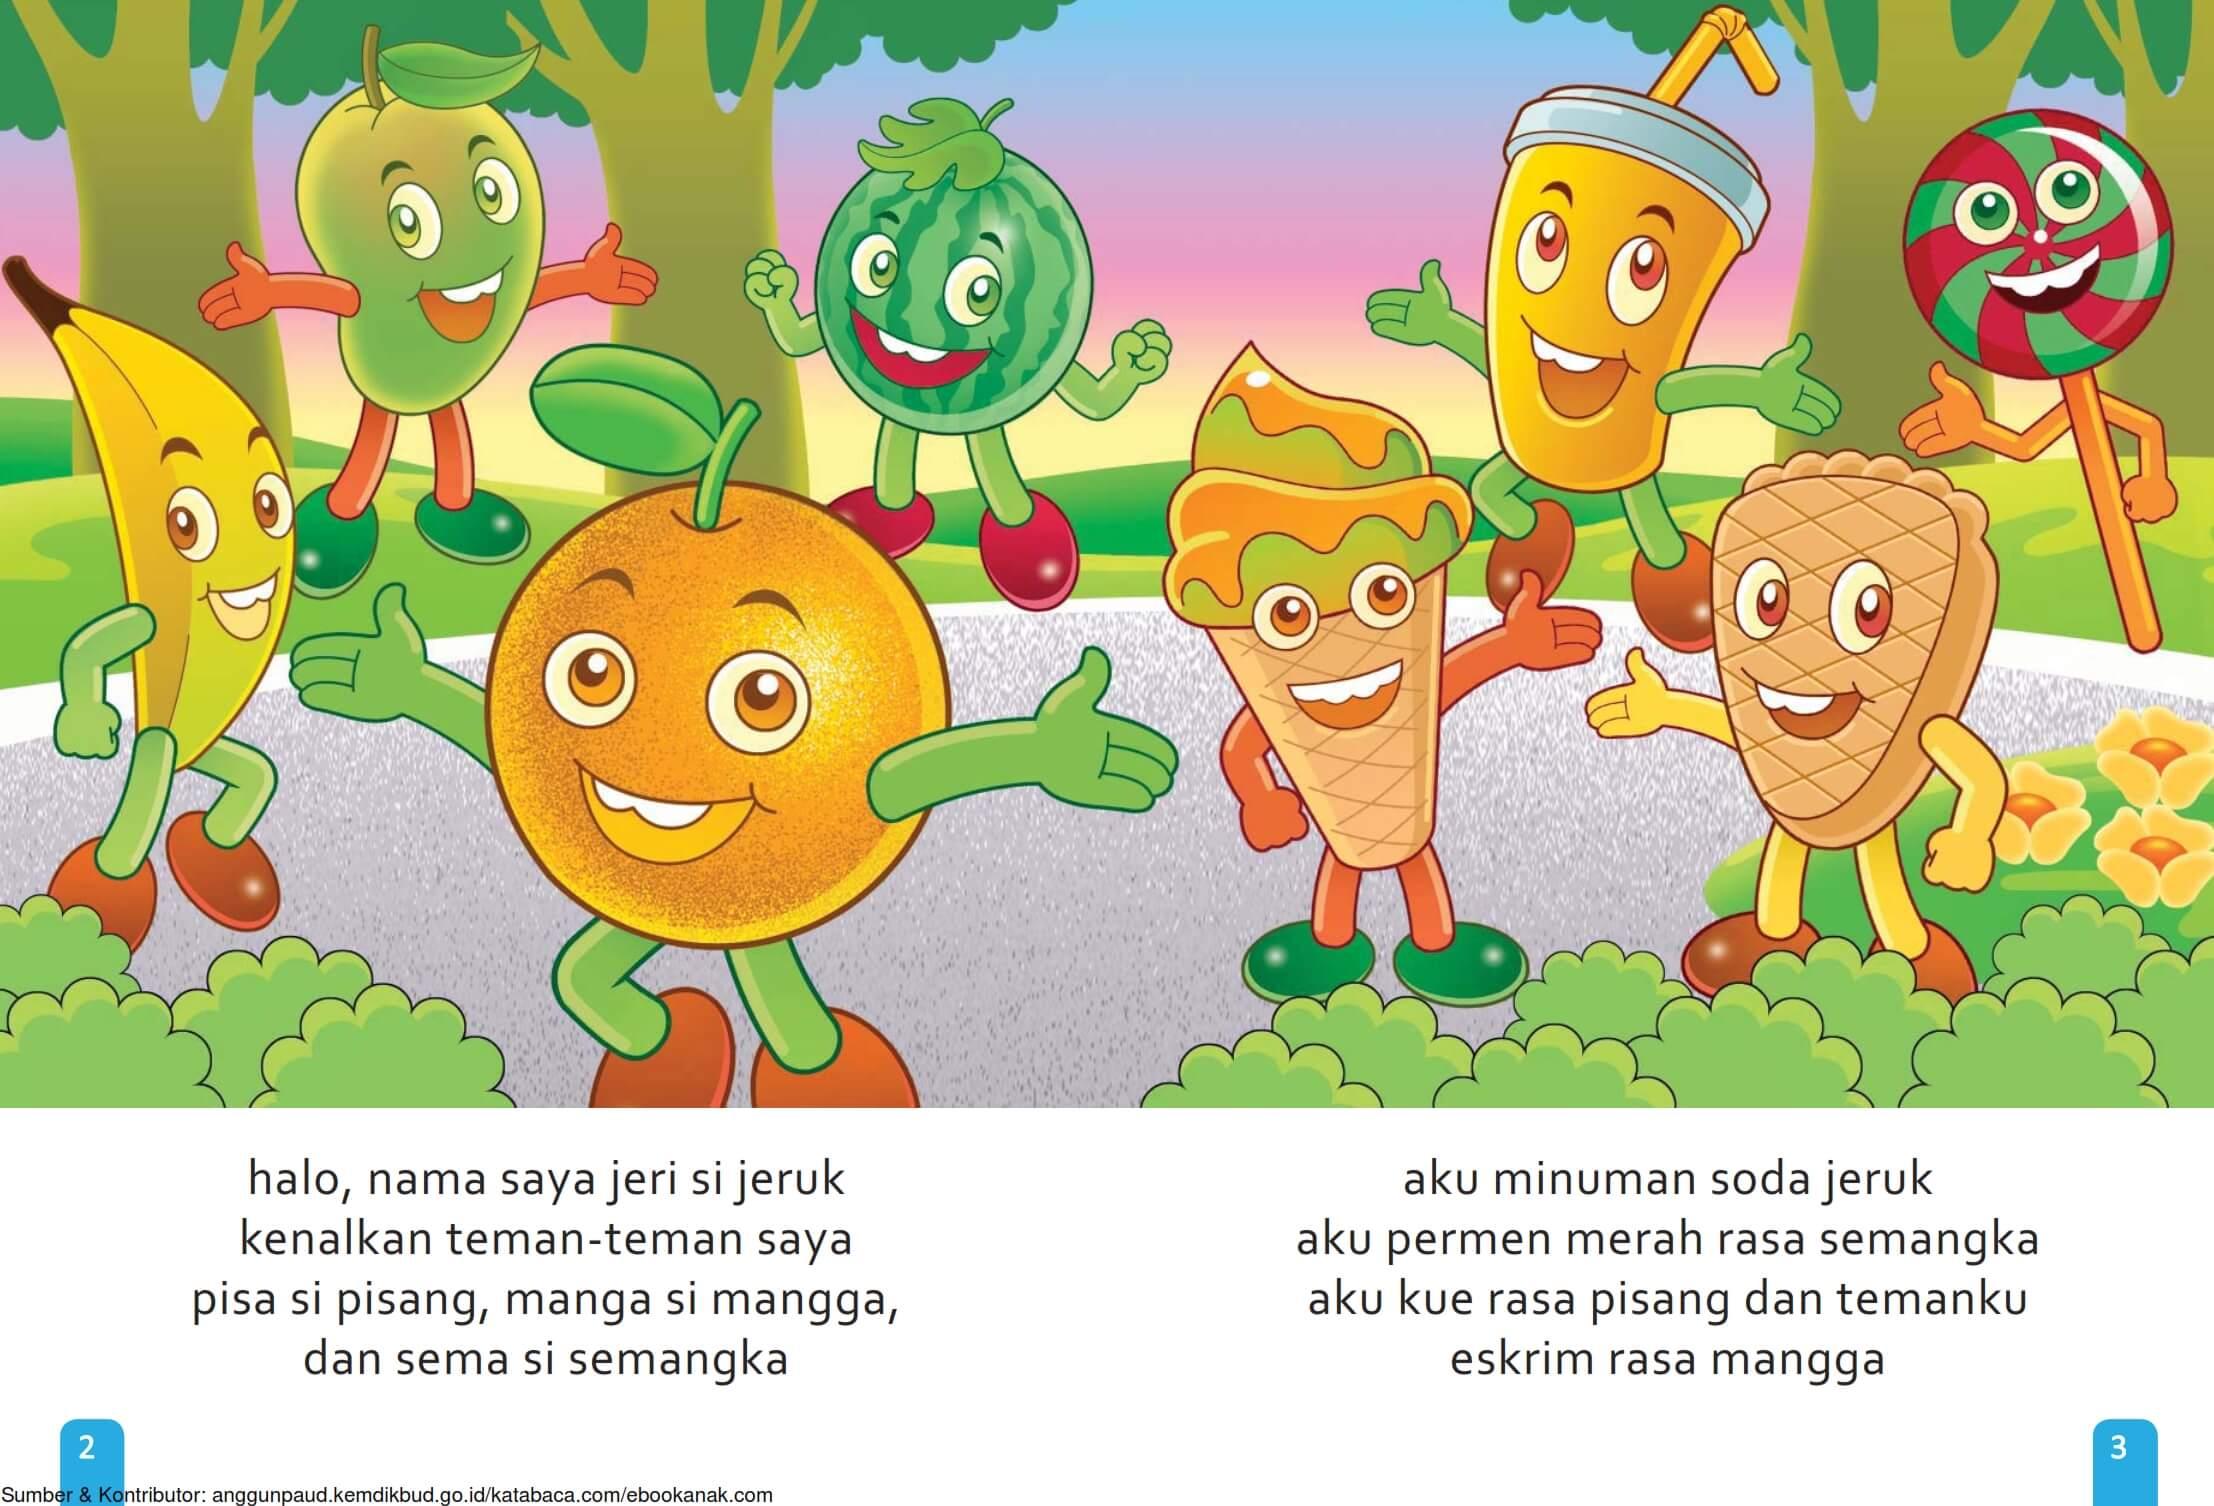 Ebook Cerita Anak, Aku Suka Buah, Siapa Saja Aku (4)